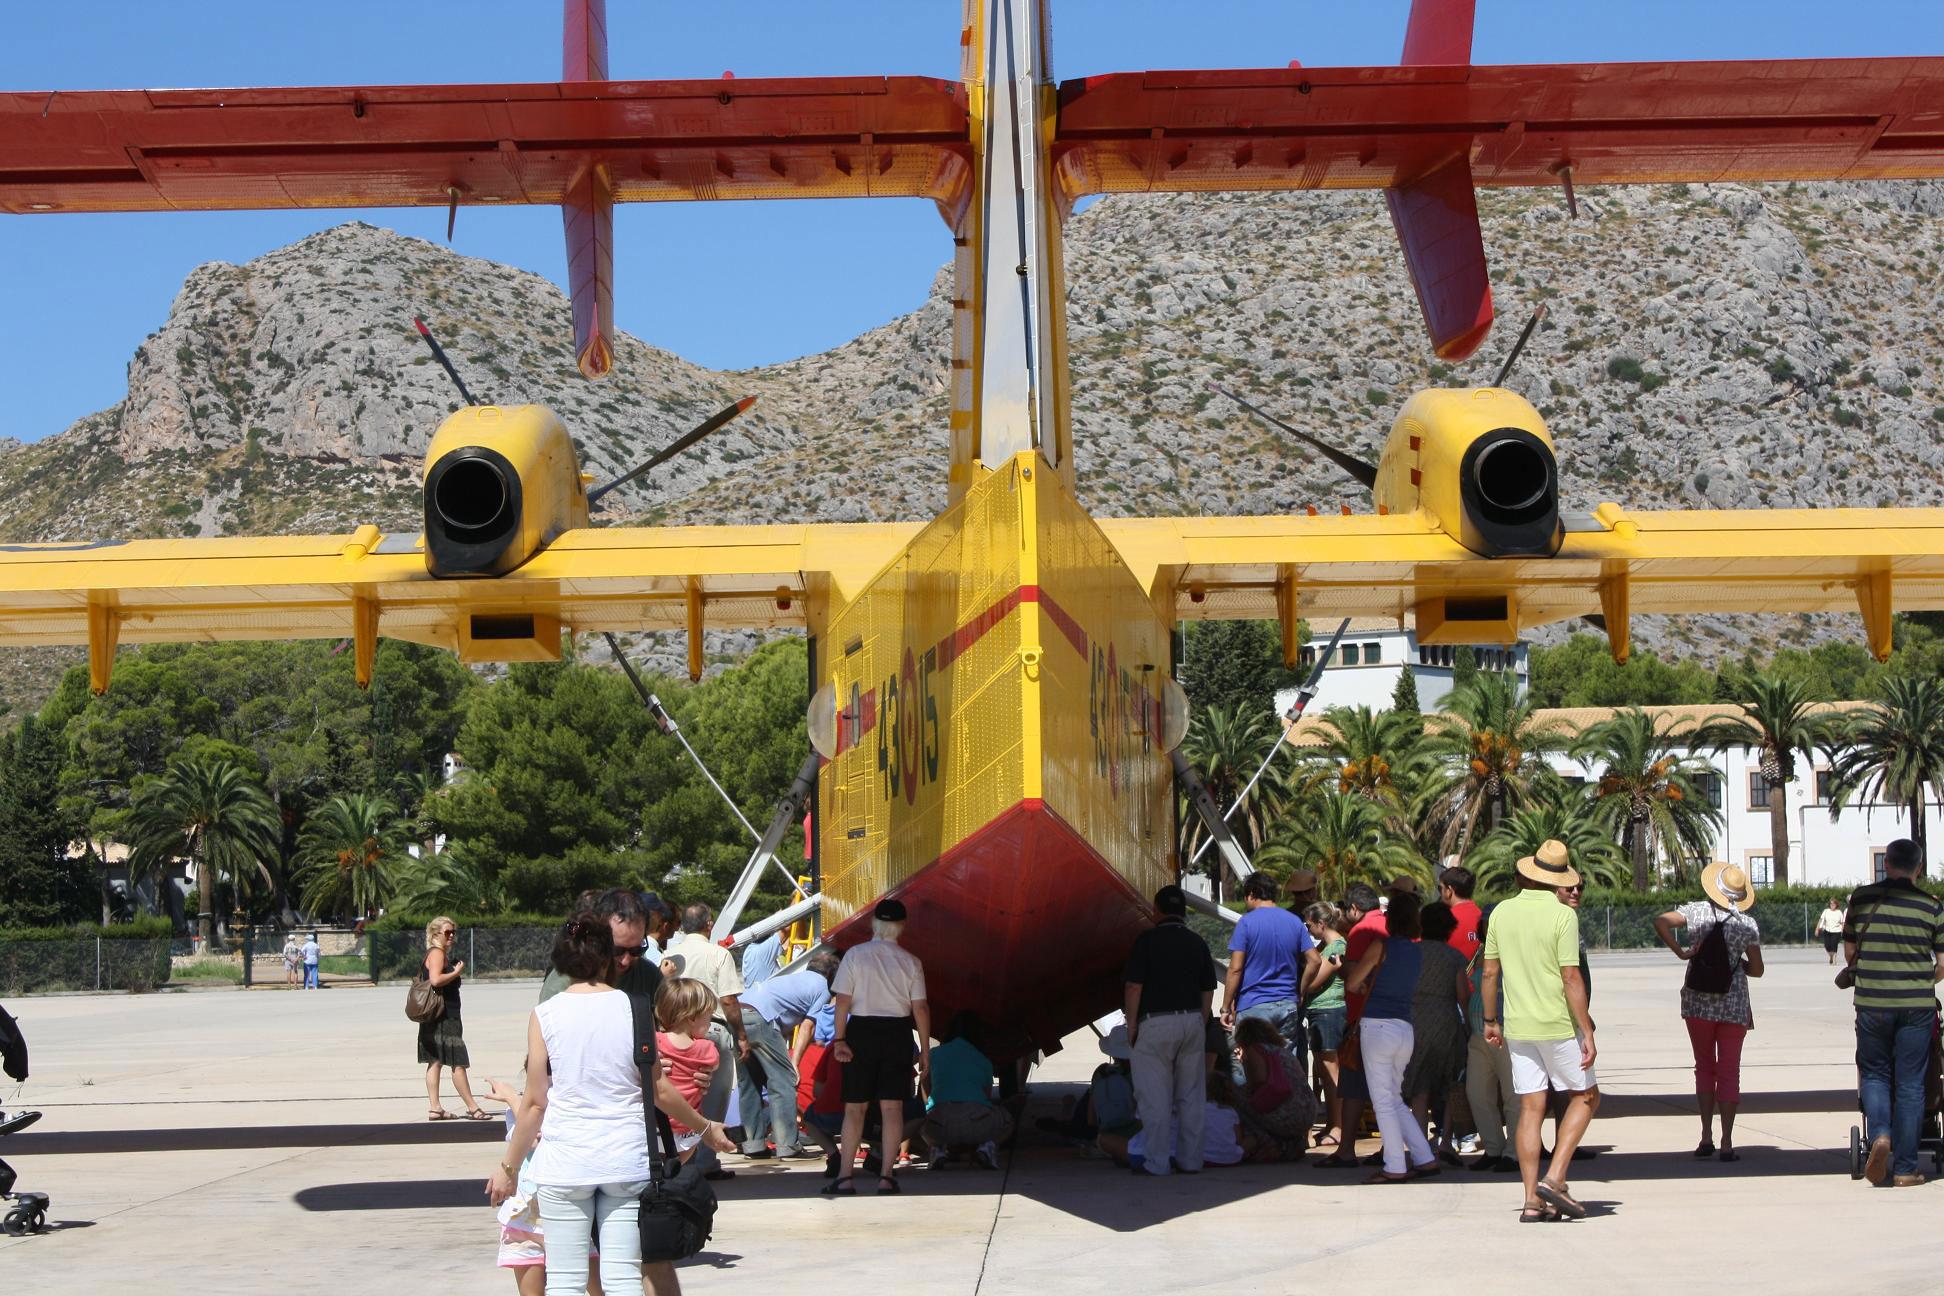 Hydroplanes in Puerto Pollensa